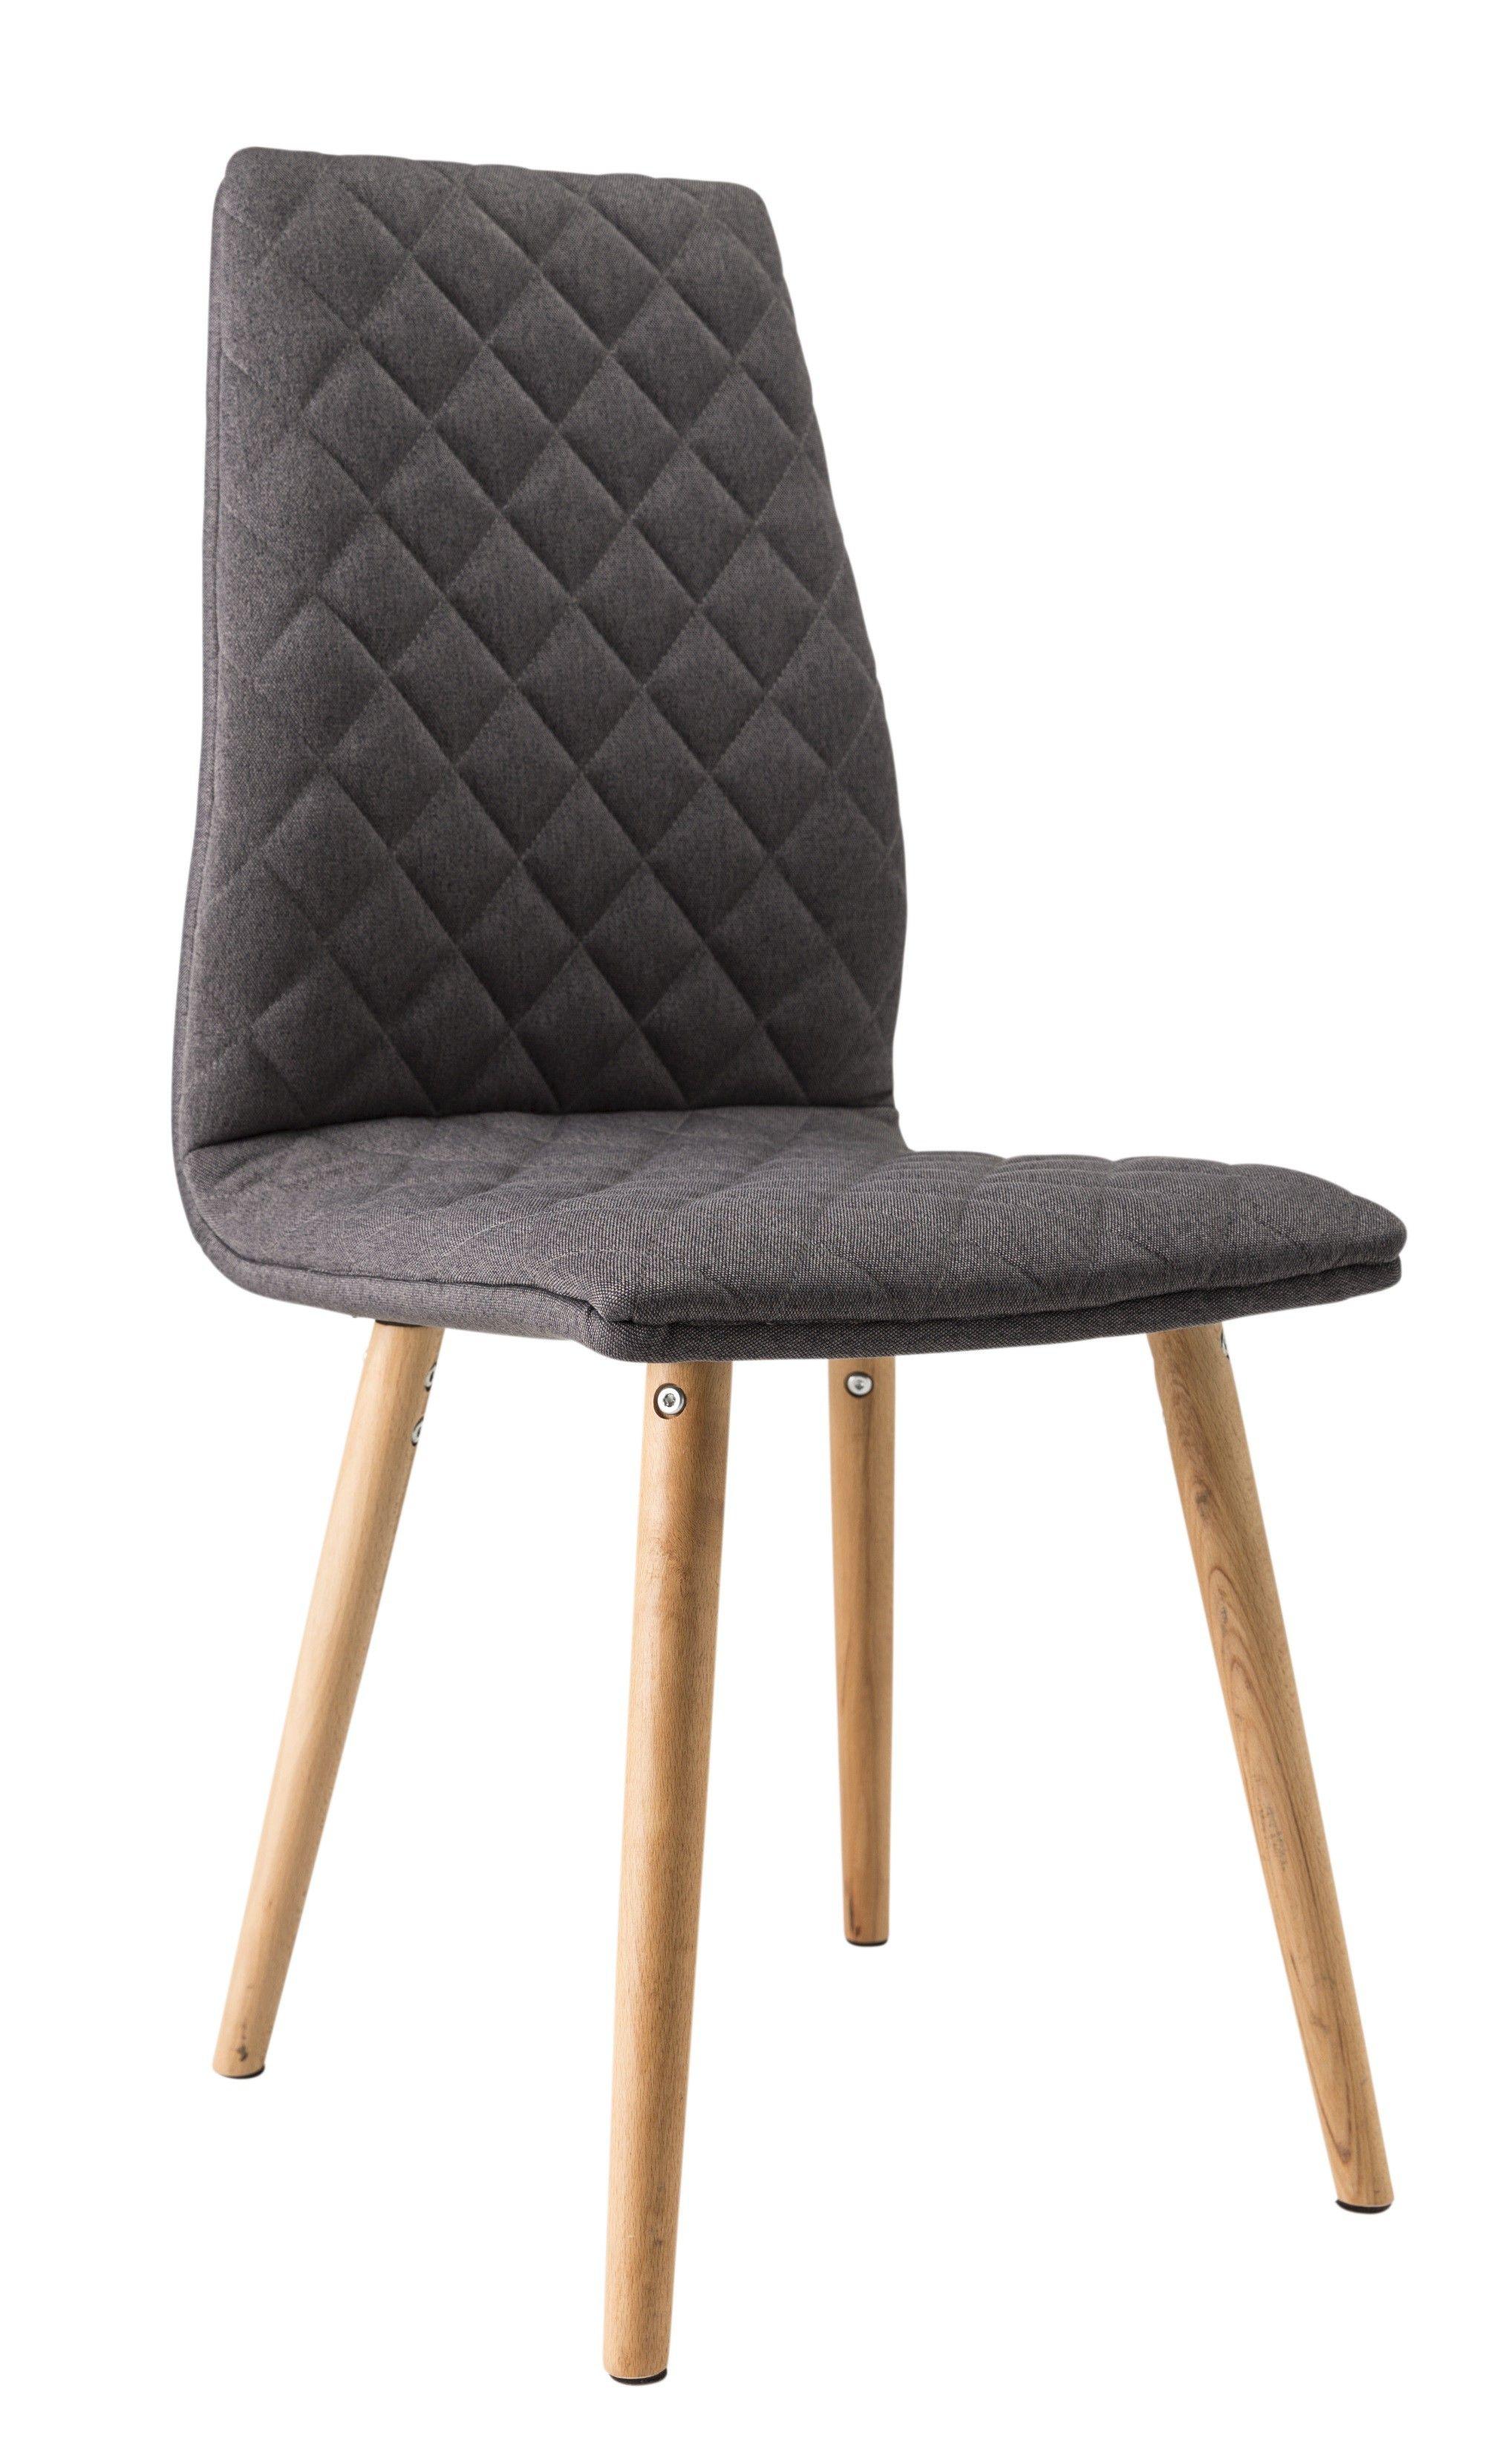 Chaise de salle  manger contemporaine bois & tissu coloris gris